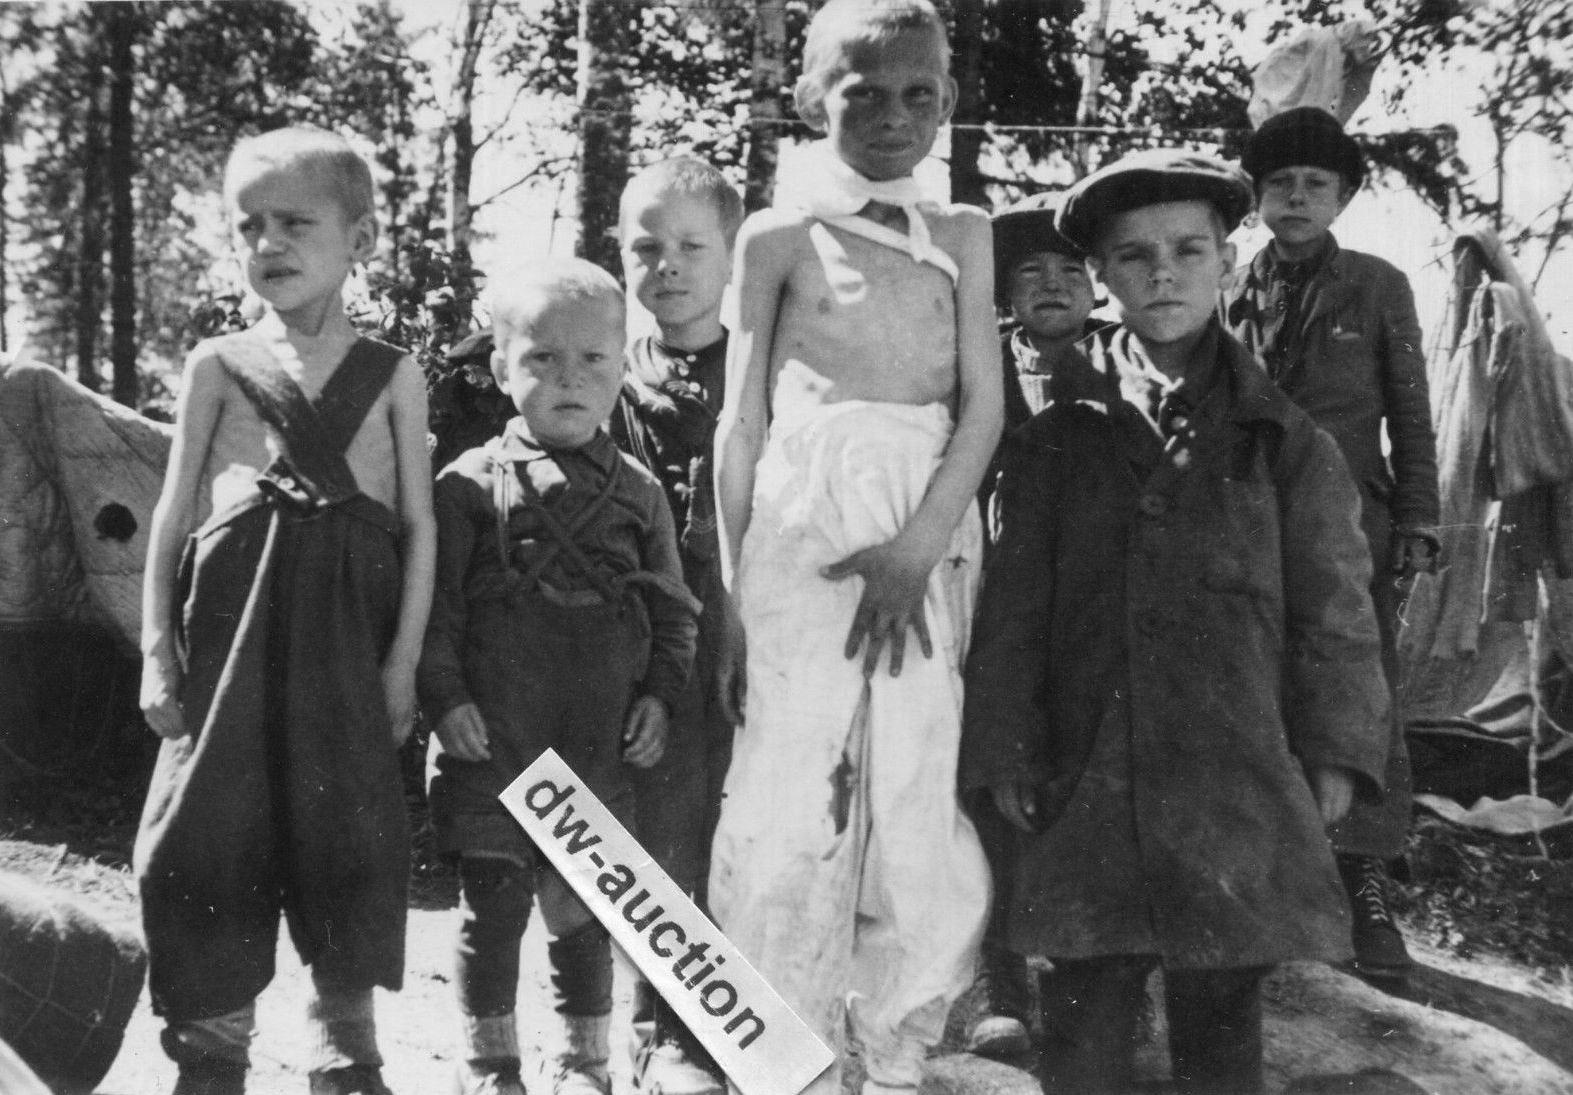 Дети, вышедшие в расположение немецких войск из зоны окружения. Район Волхова, 1942 год.